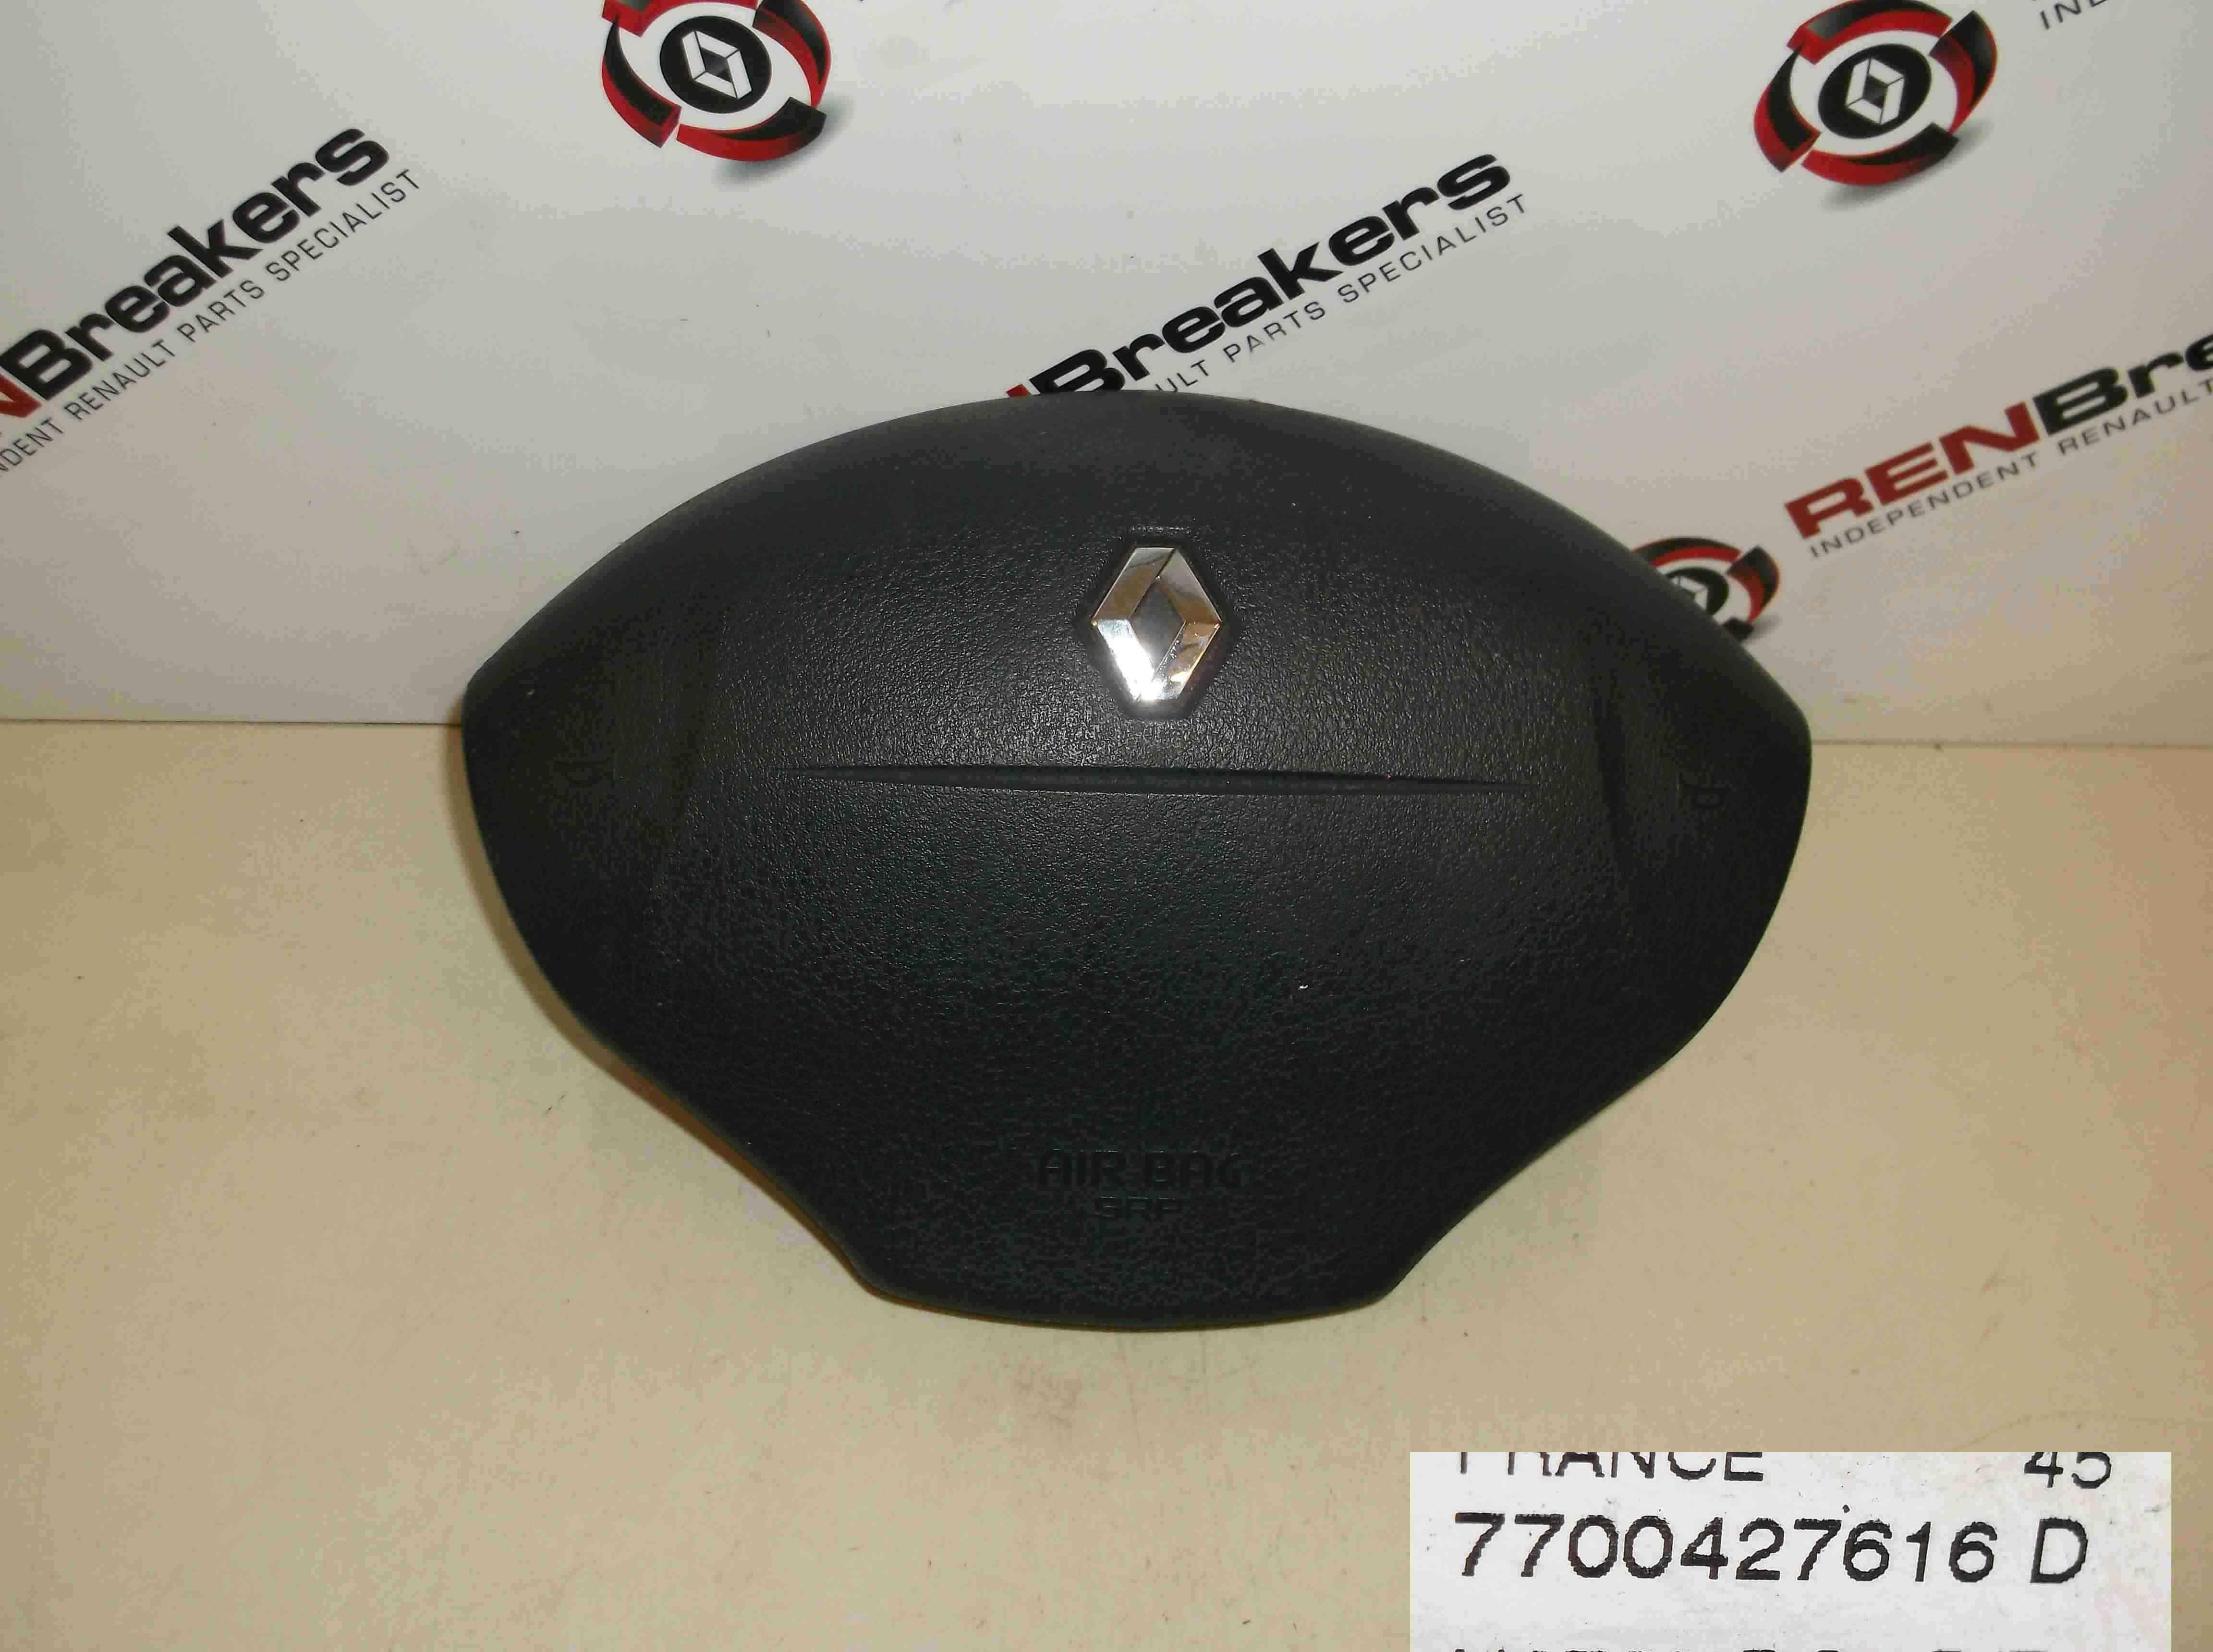 Renault Megane Convertible 1999-2002 Drivers Steering Wheel Airbag